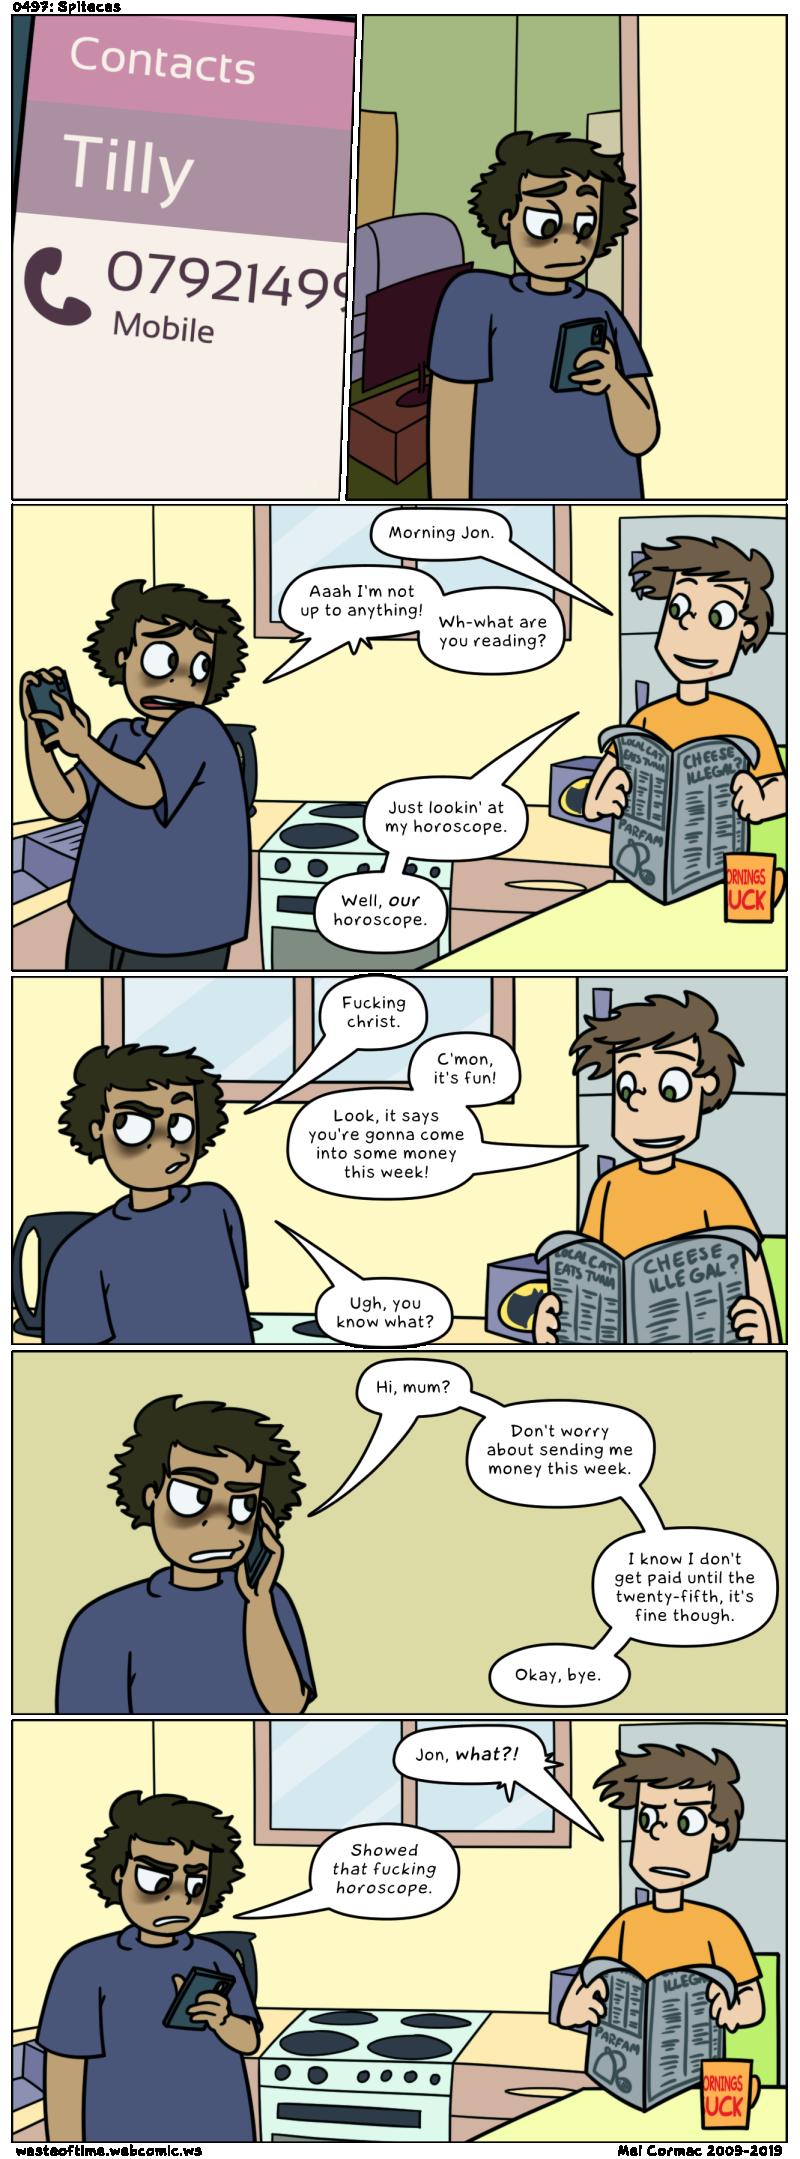 0497: Spiteces